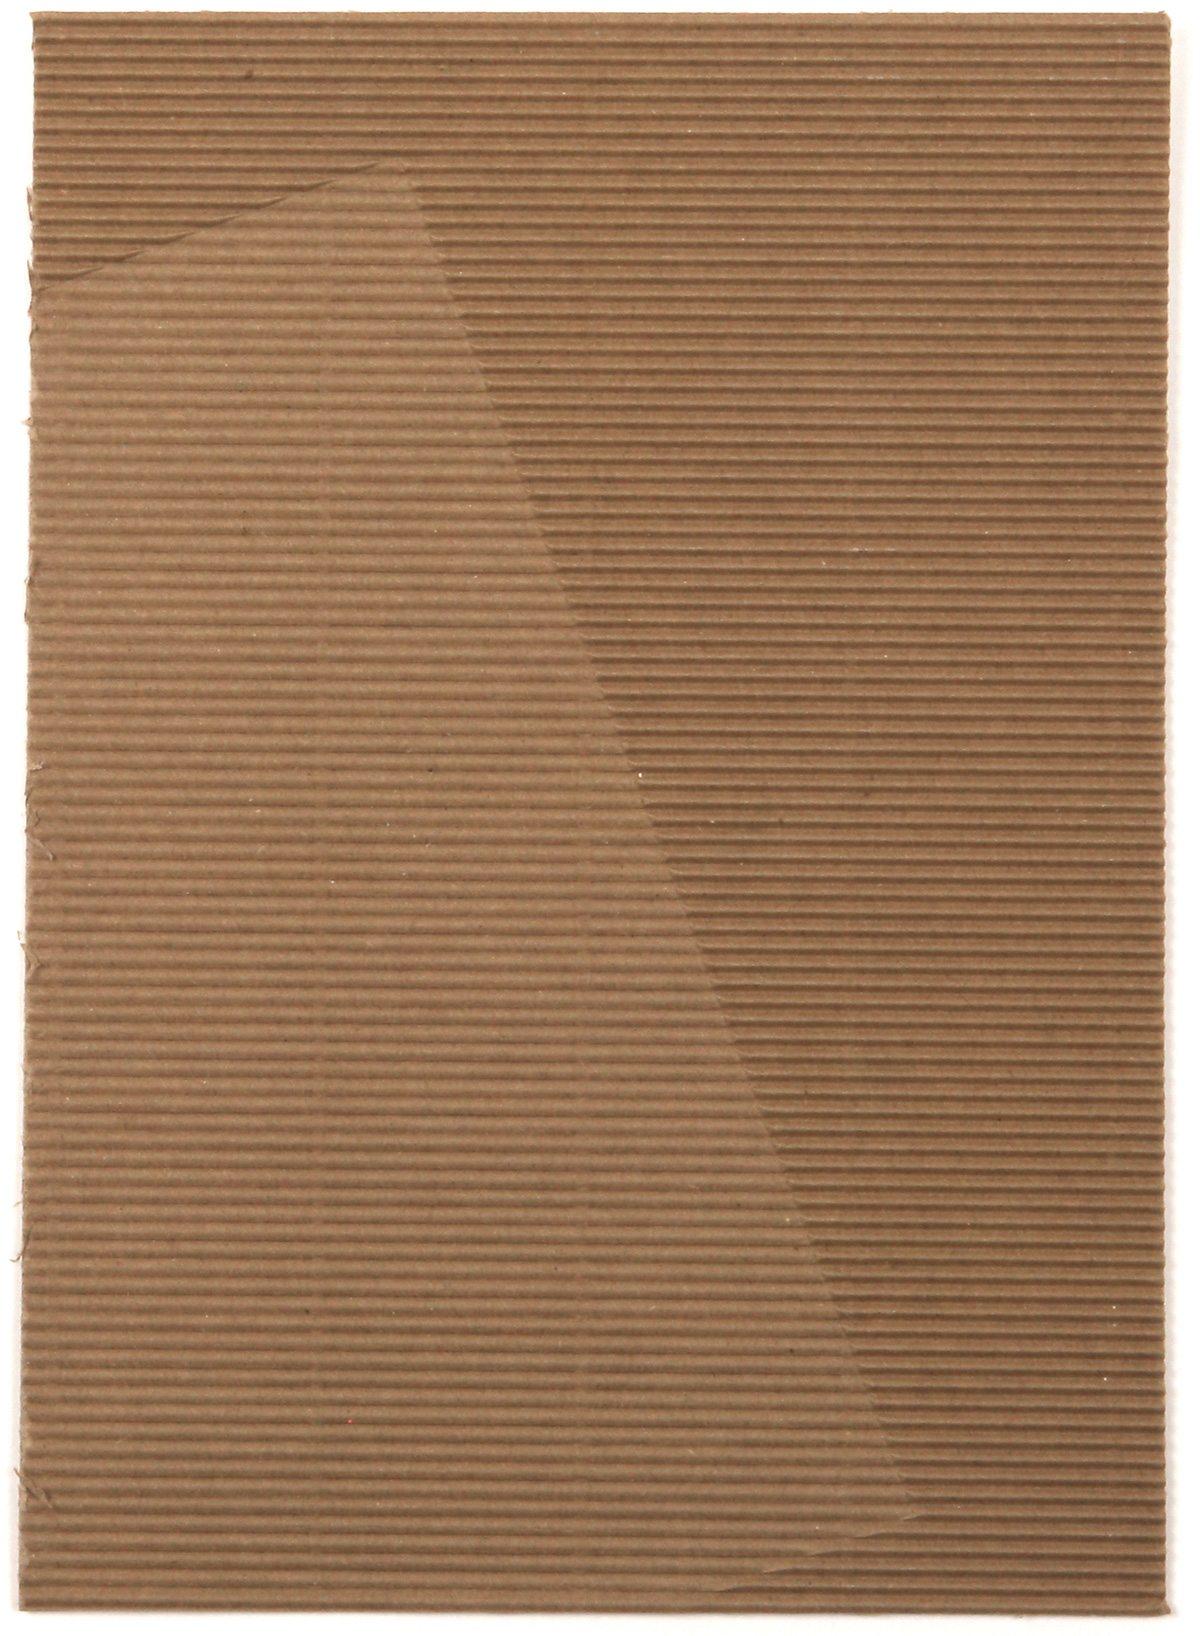 Carton d'invitation de l'exposition Relief(s) de Guillaume Delvigne à la Tools galerie. Un carton d'invitation crée par Ich et Kar. Un carton en carton, ondulé qui rend hommage au titre de l'exposition.